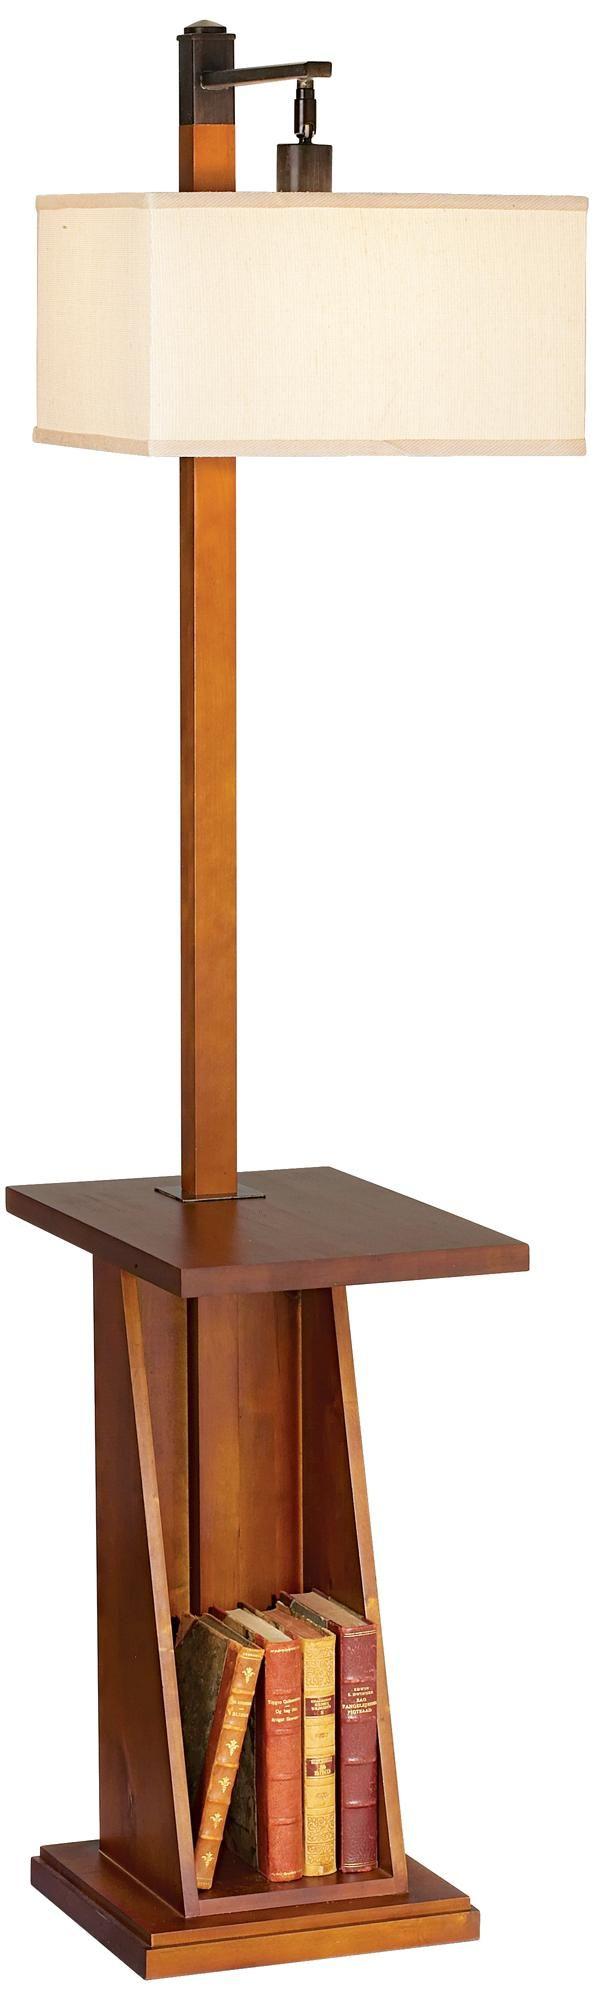 17 best images about floor lamps on pinterest floor. Black Bedroom Furniture Sets. Home Design Ideas